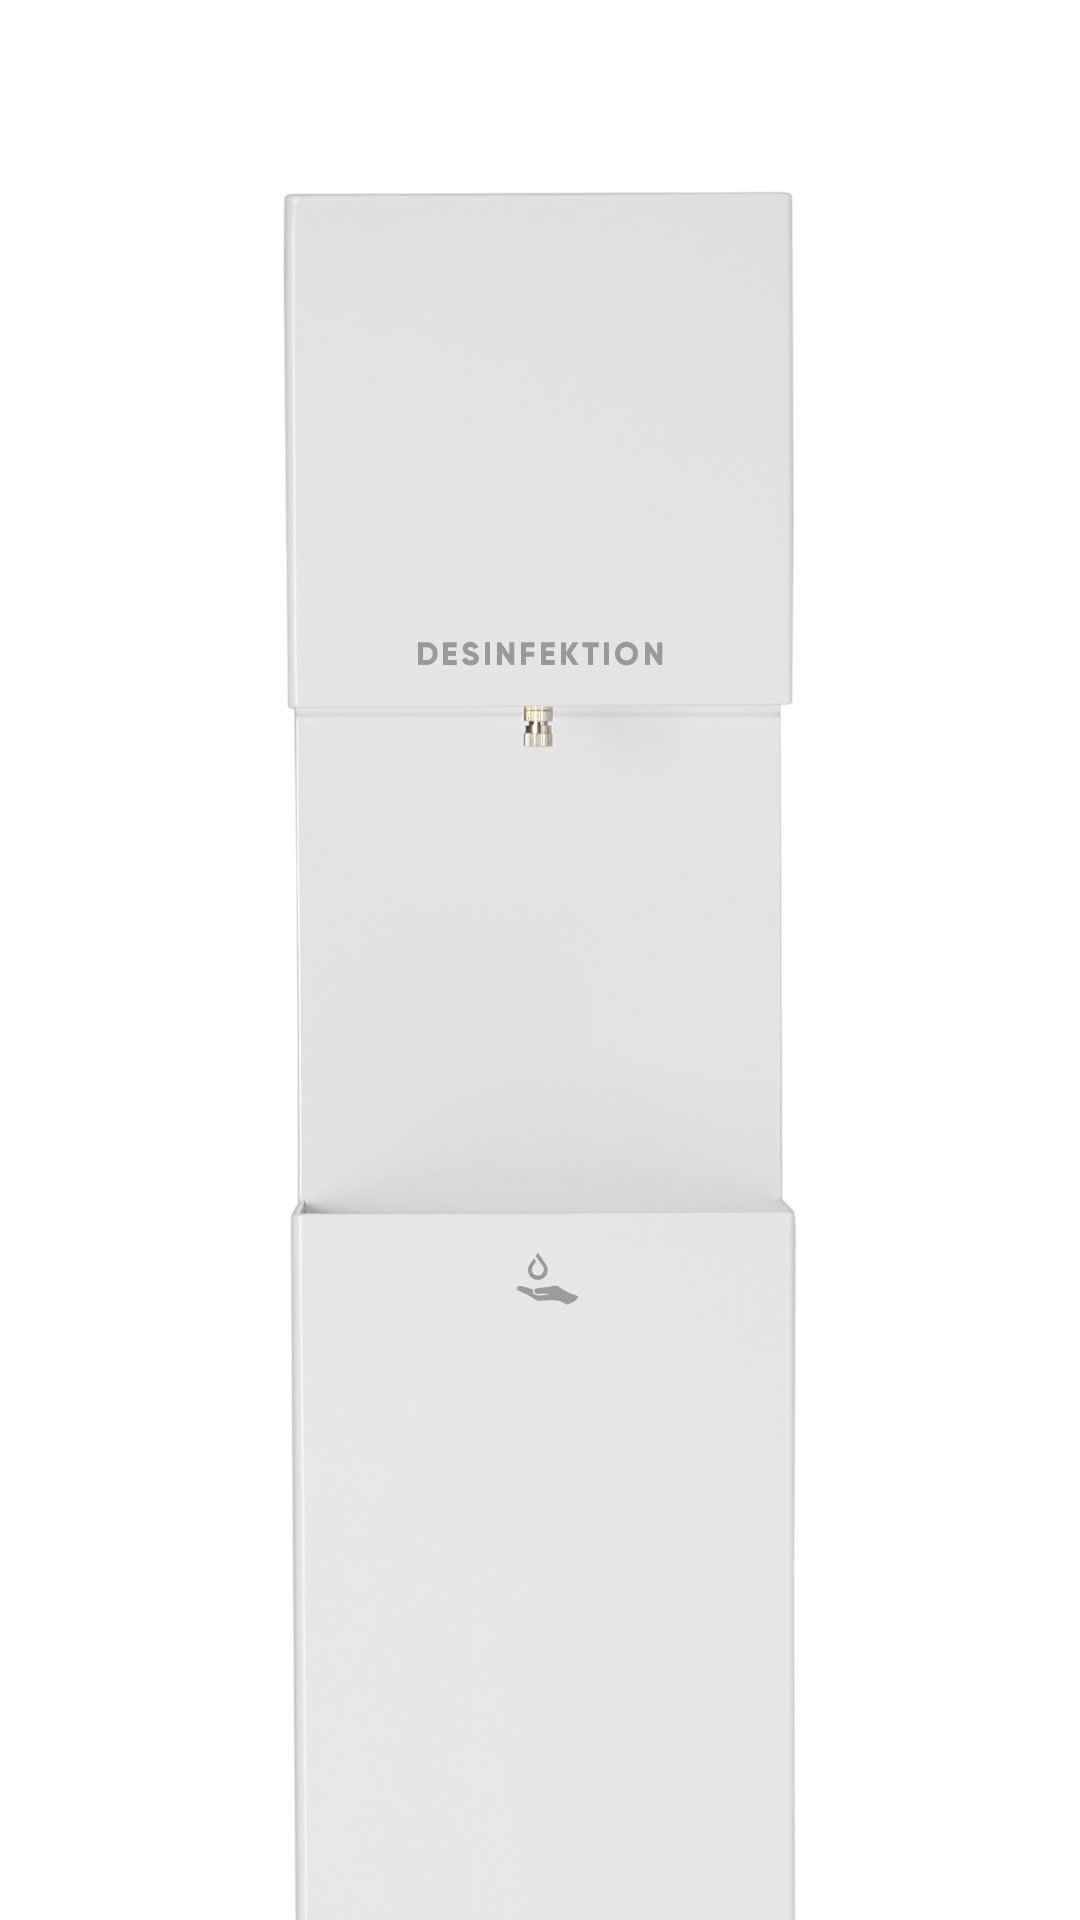 hydes Tower Desinfektionsspender Weiß